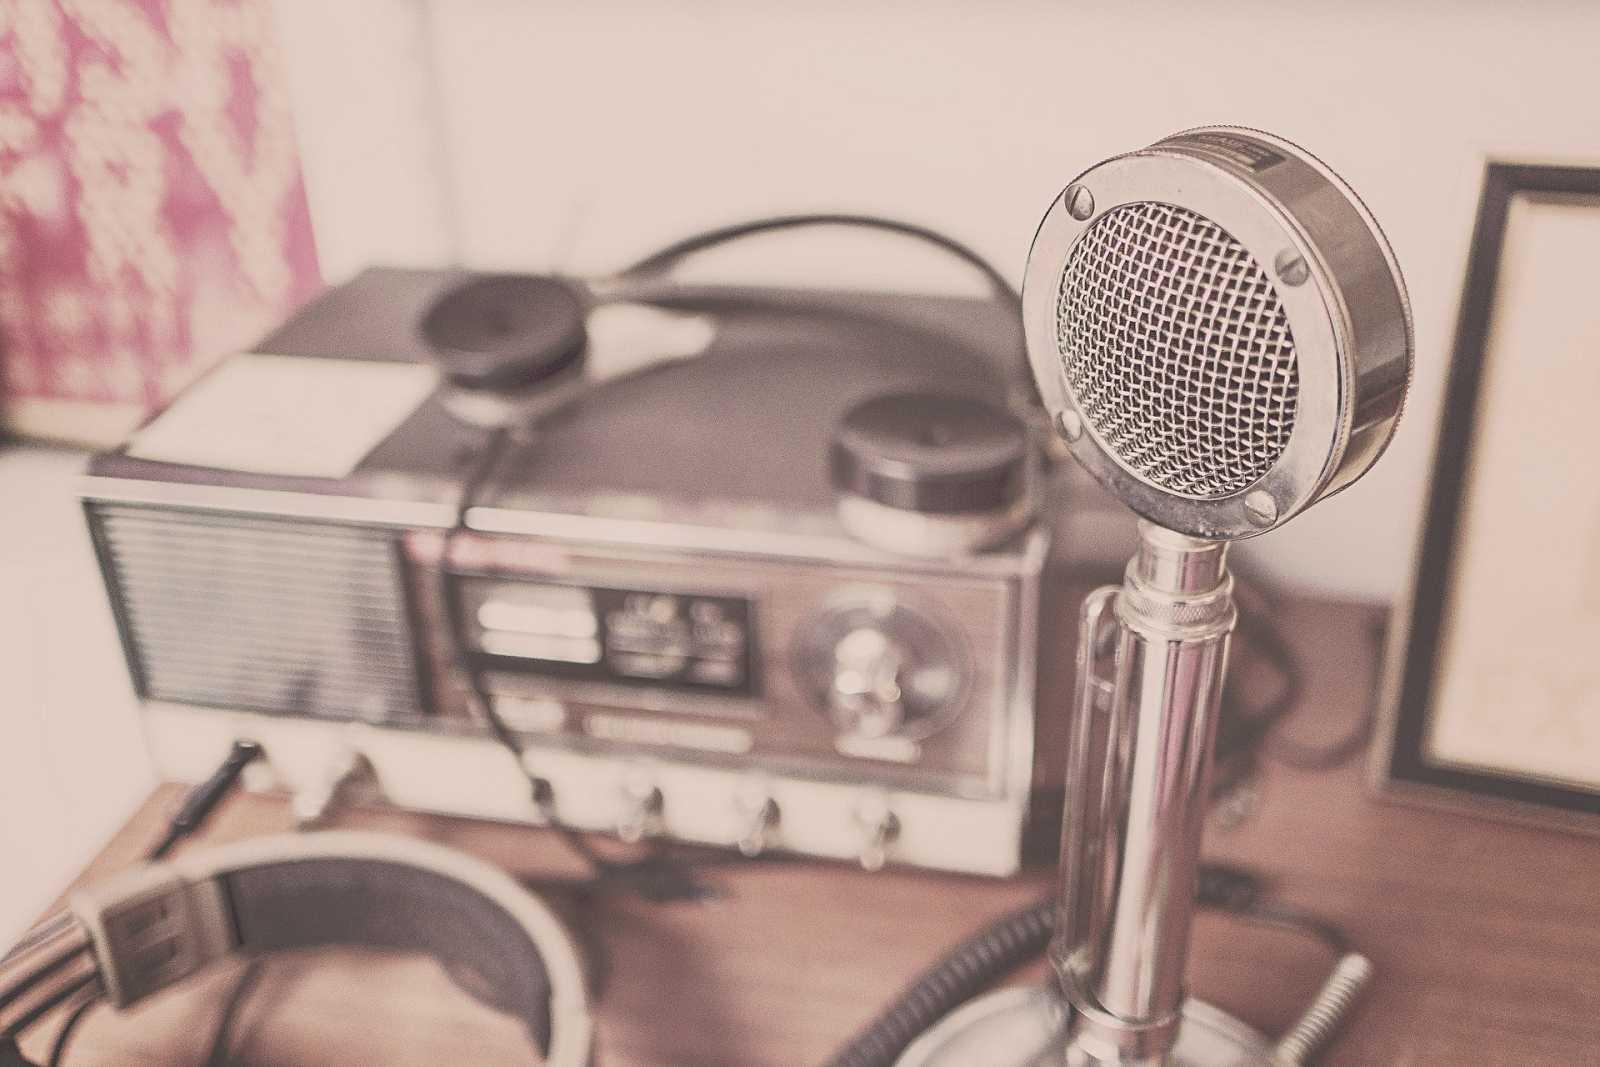 Ondas de ayer - 'La radio. El acompañante silenciado' - 15/02/21 - Escuchar ahora